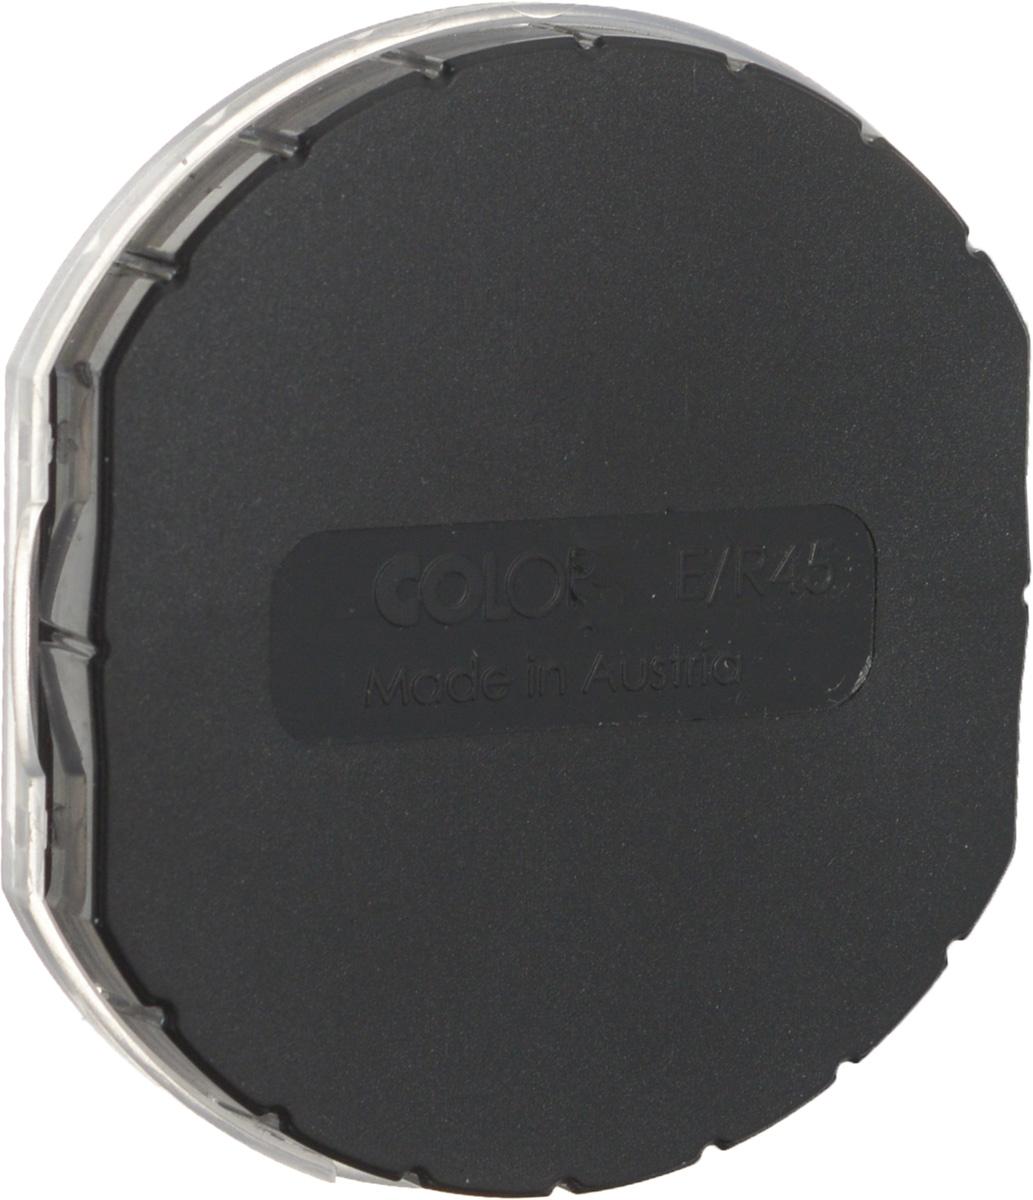 ColopСменная штемпельная подушка E/R45 цвет синий Colop